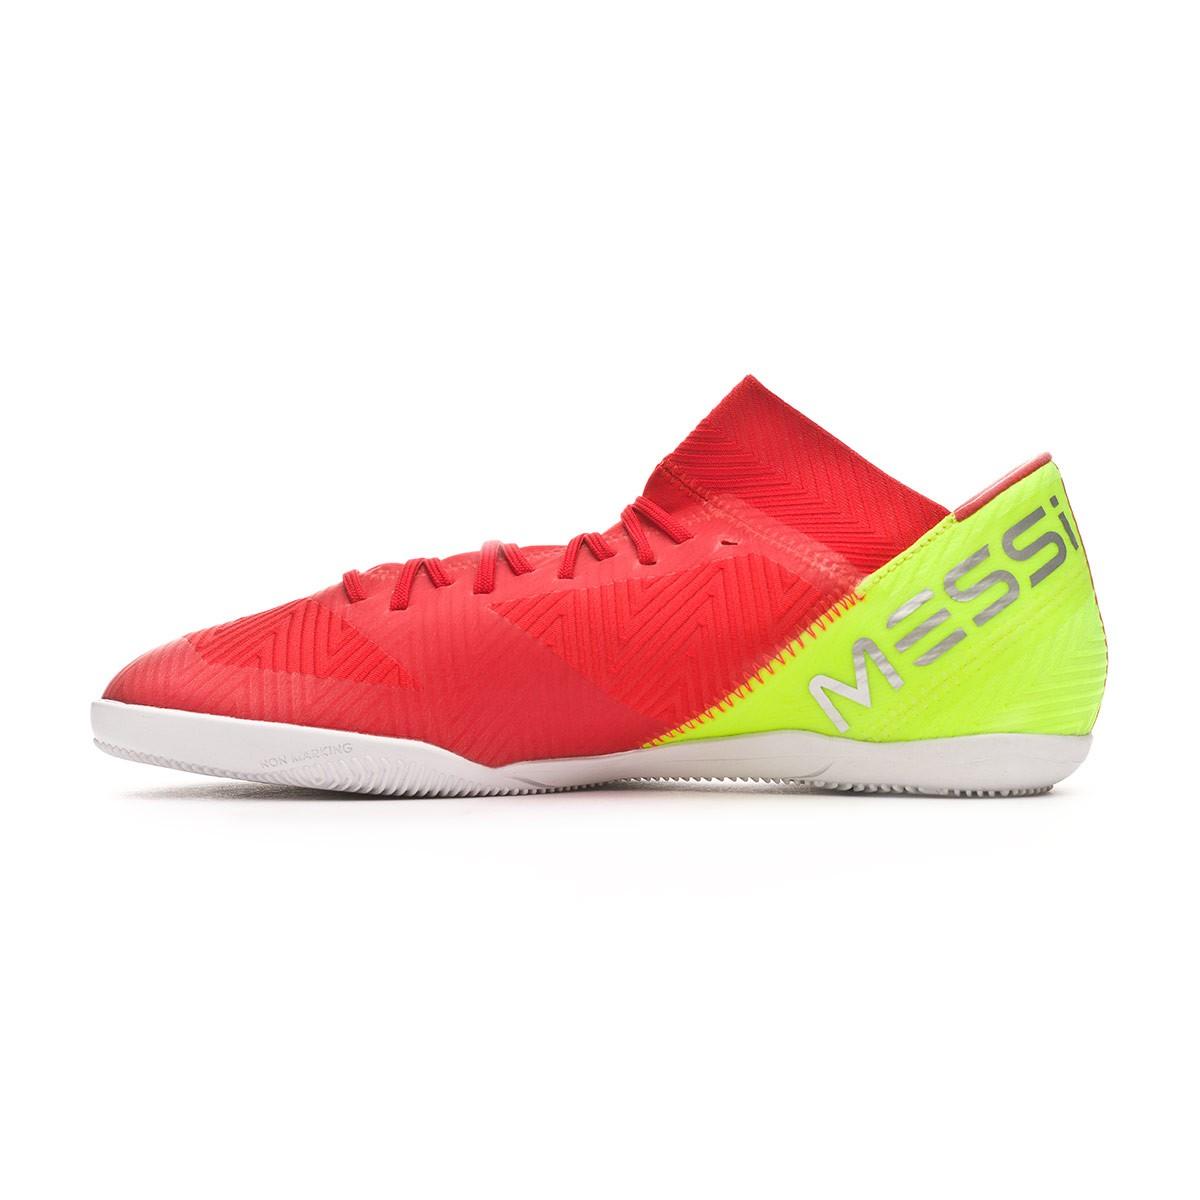 Sapatilha de Futsal adidas Nemeziz Messi Tango 18.3 IN